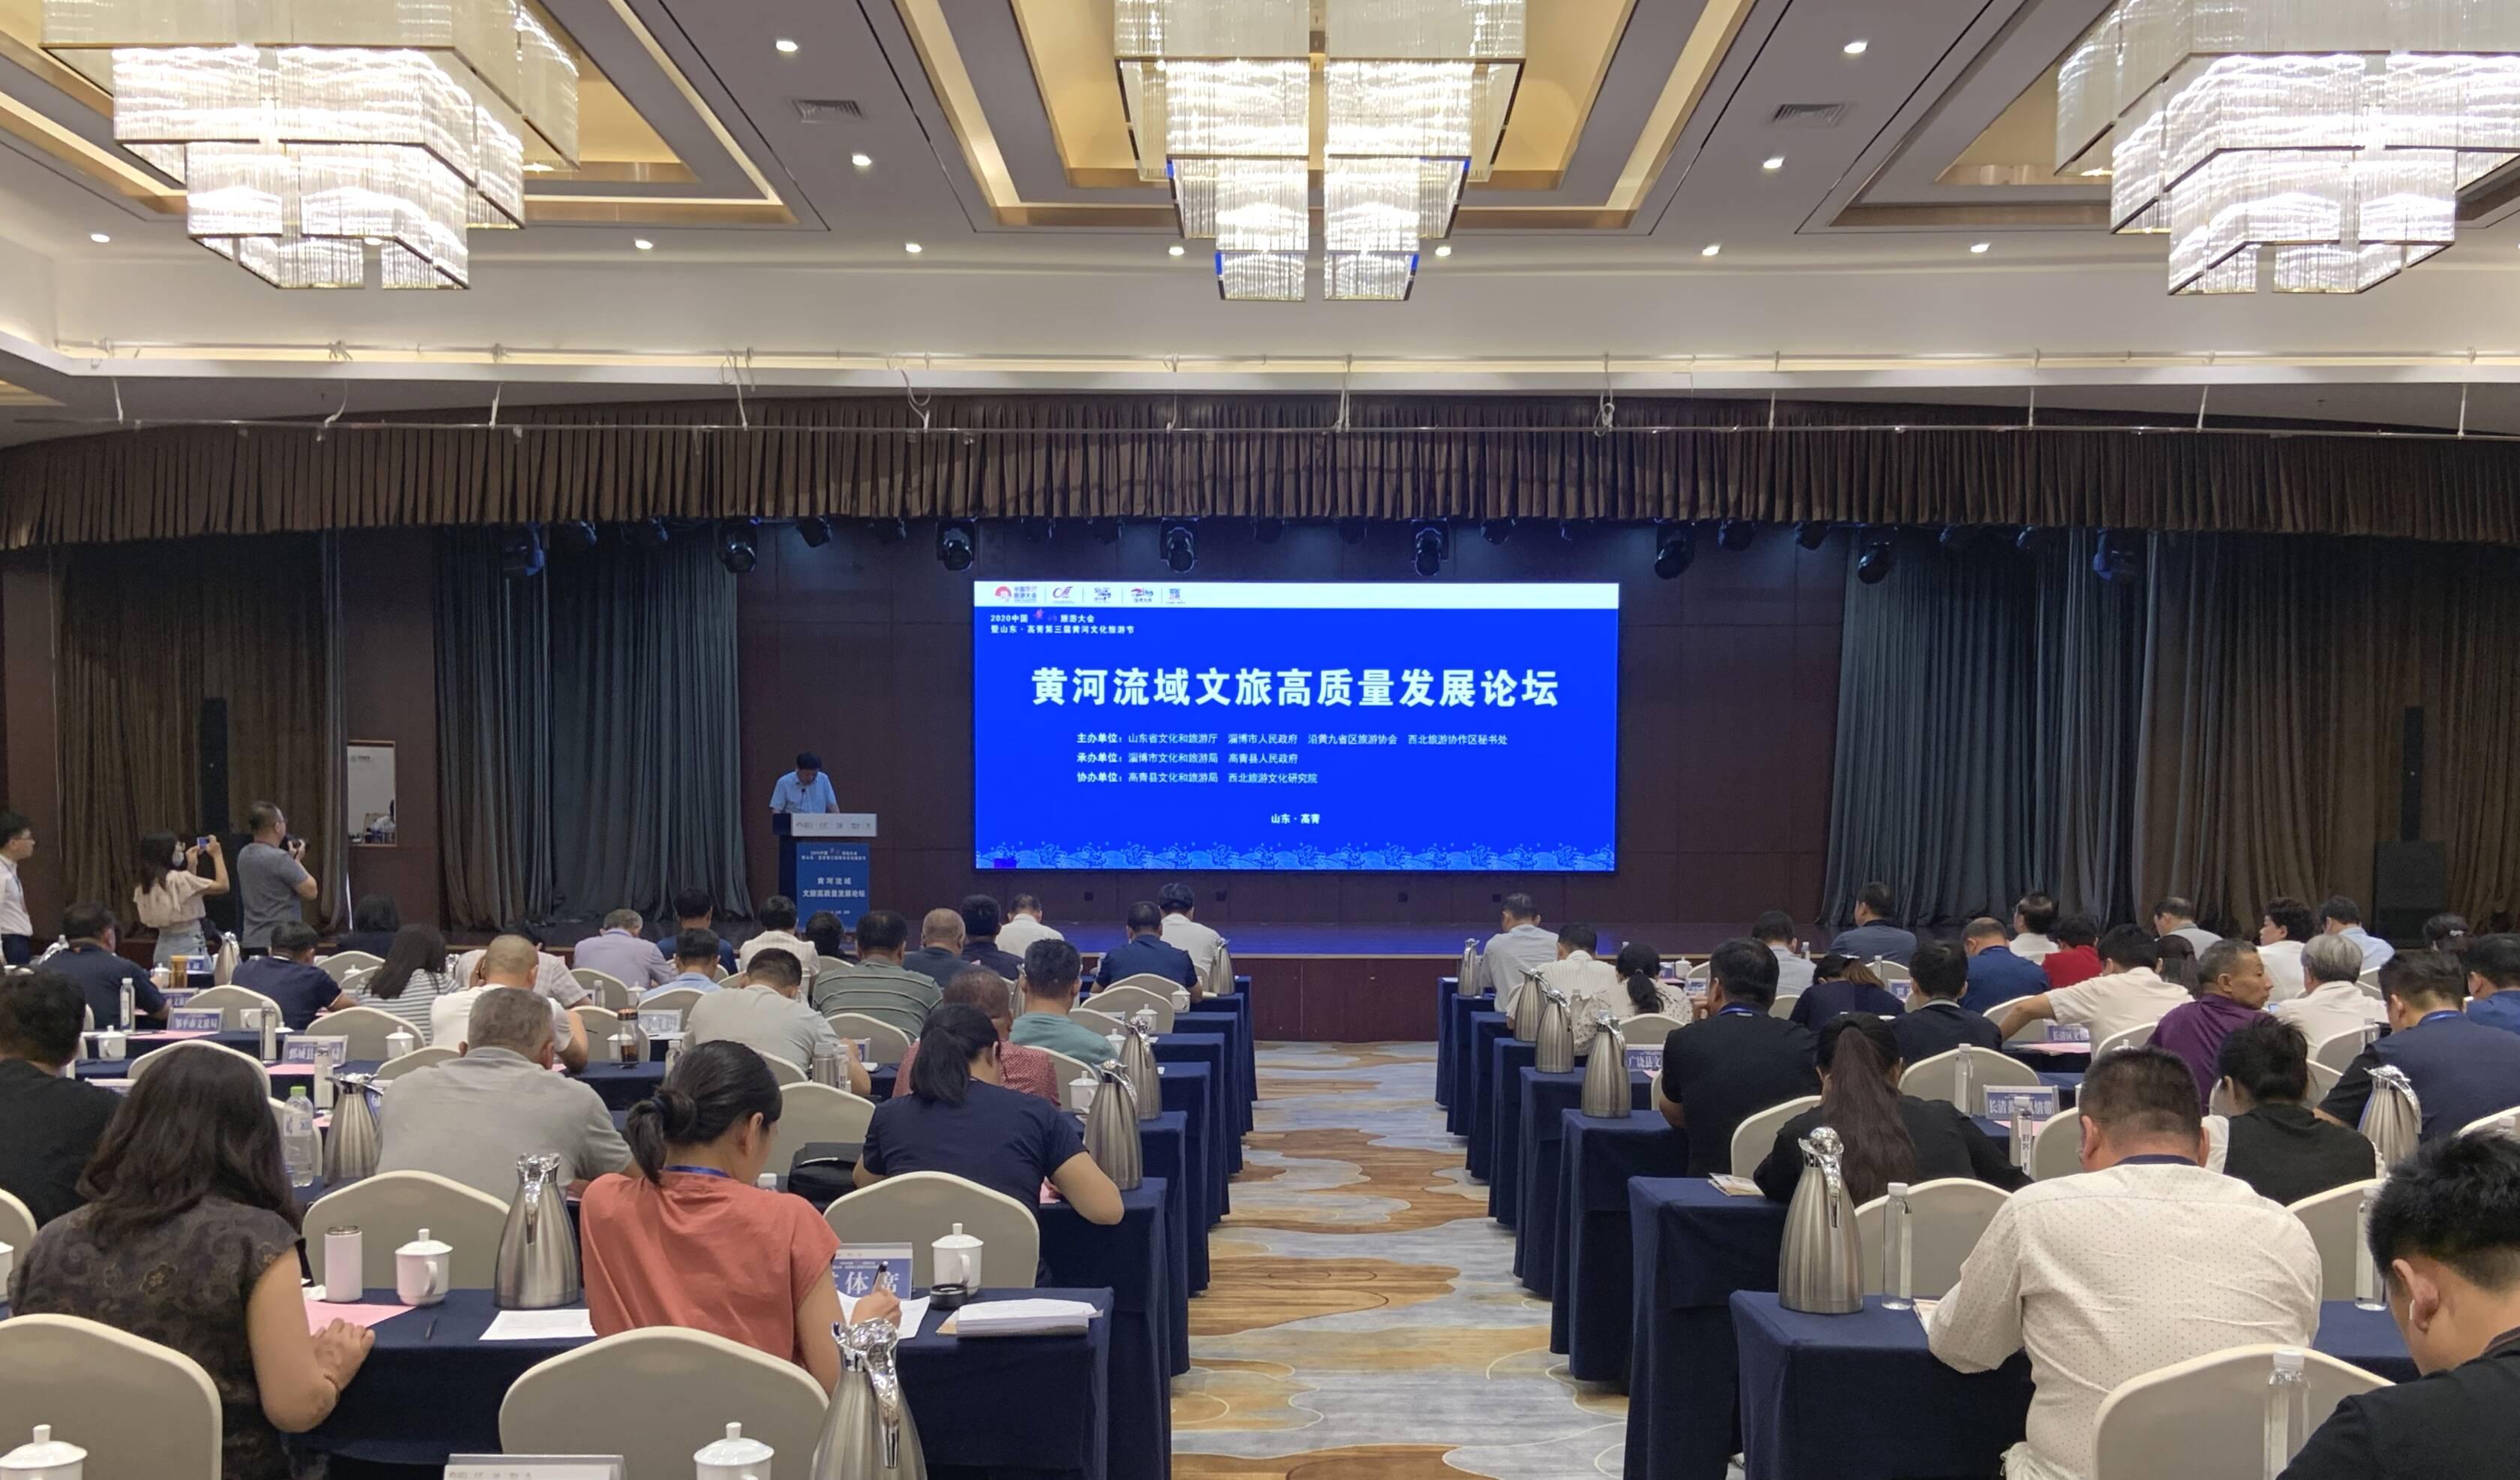 2020中国黄河旅游大会丨专家学者共聚淄博高青 建言流域高质量发展